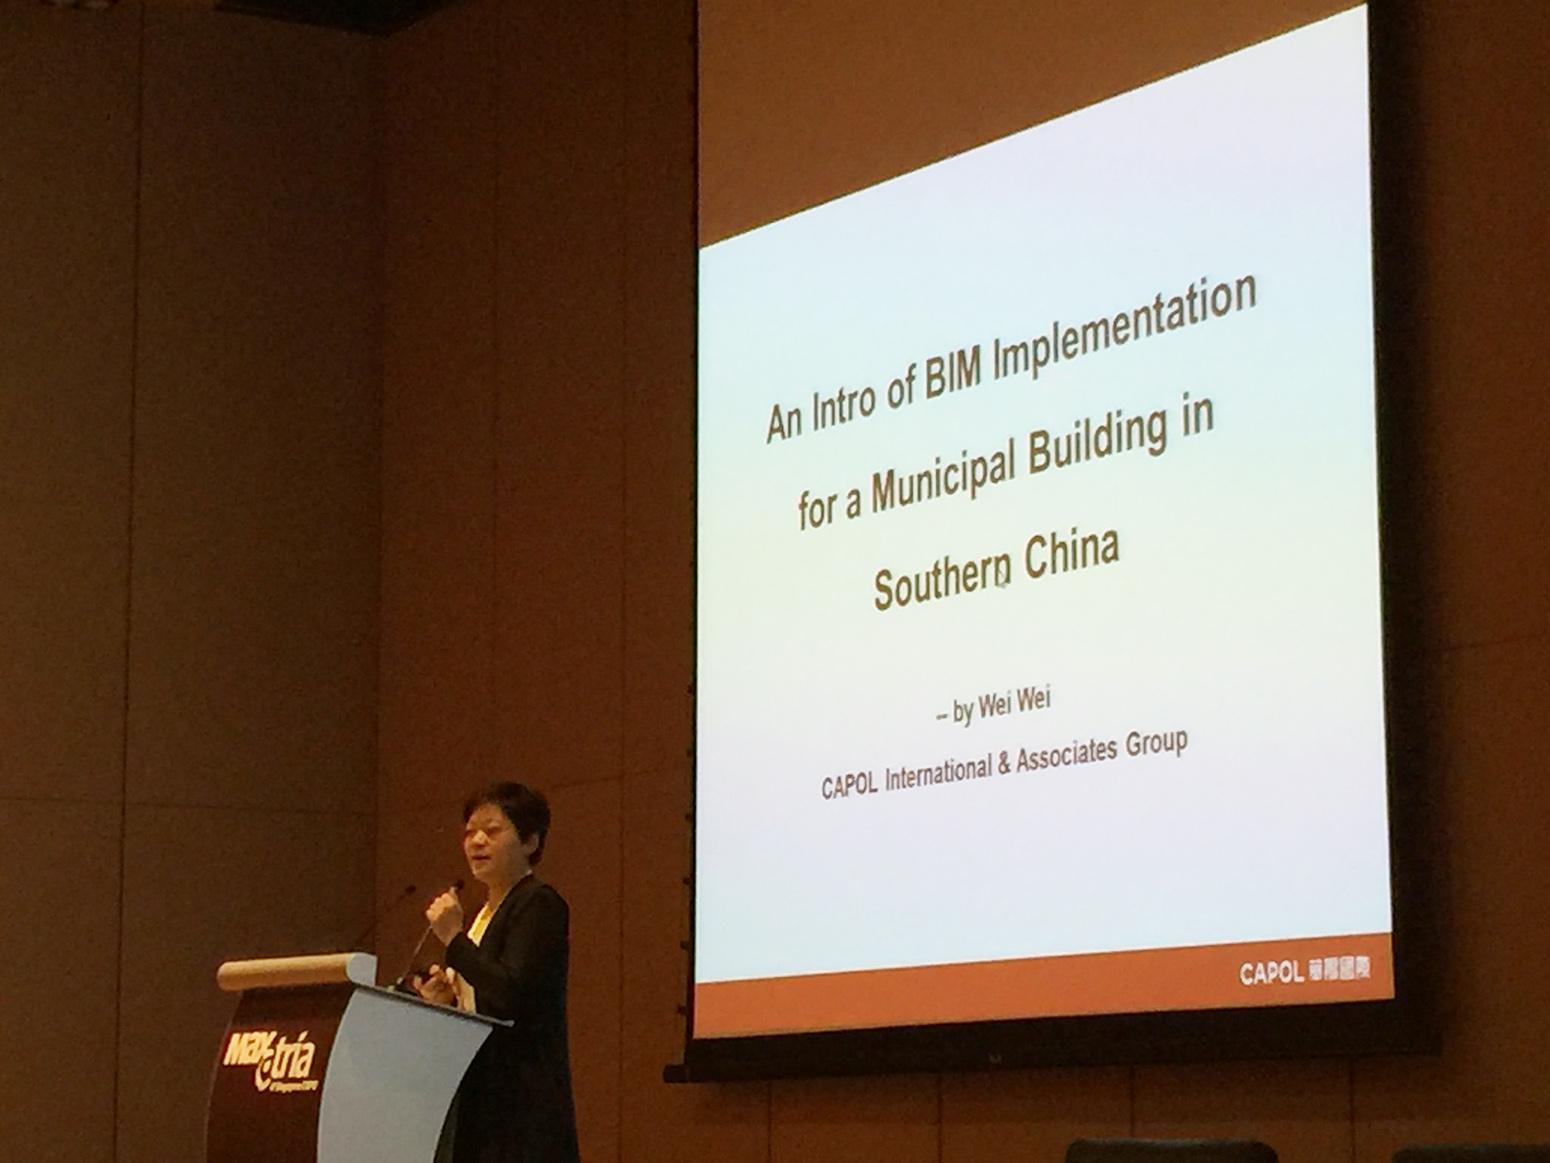 华阳国际出席新加坡国家BIM论坛并发表主题演讲